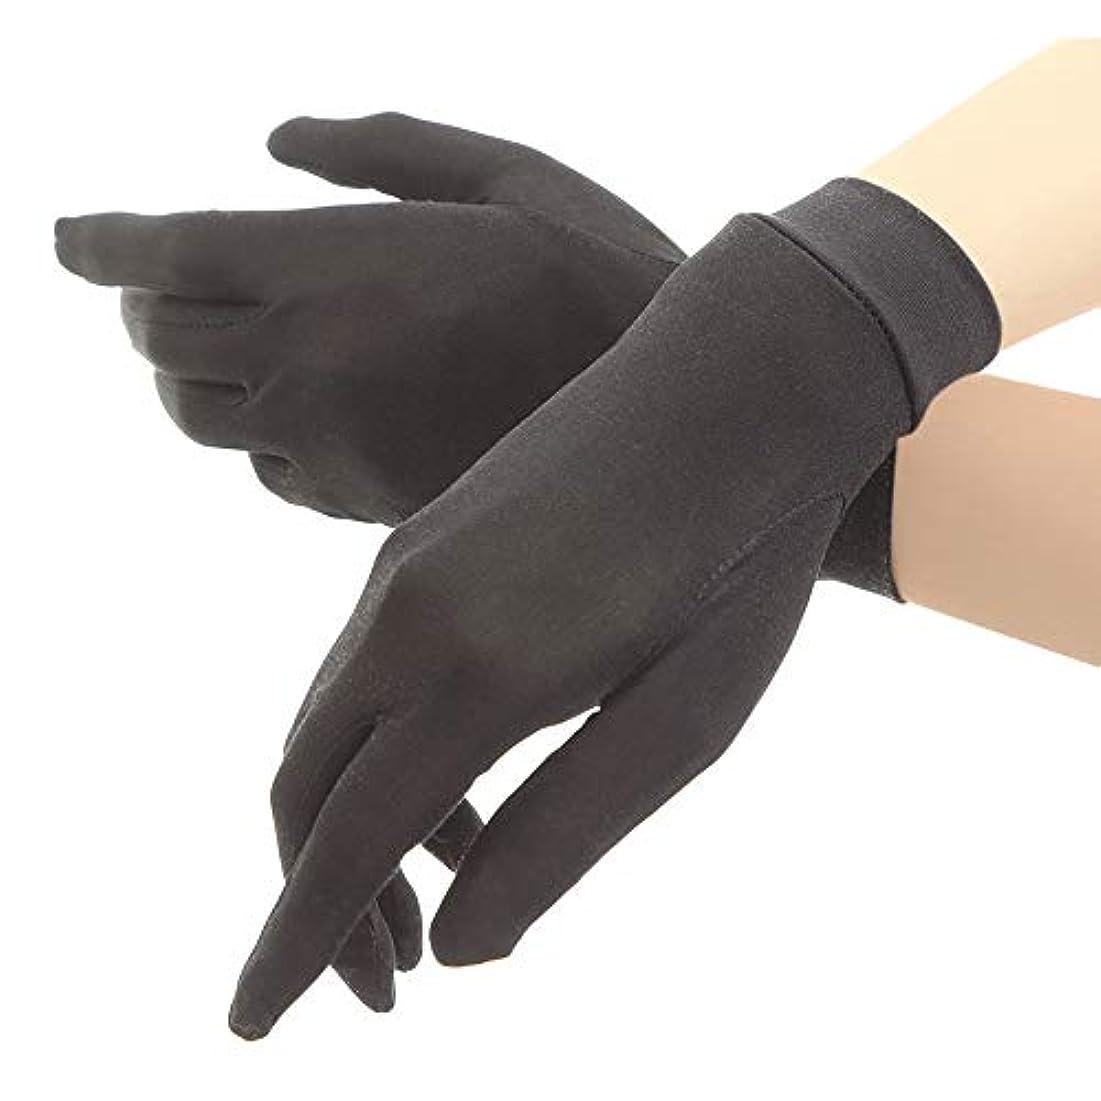 省略チチカカ湖悪意シルク手袋 レディース 手袋 シルク 絹 ハンド ケア 保湿 紫外線 肌荒れ 乾燥 サイズアップで手指にマッチ 【macch】